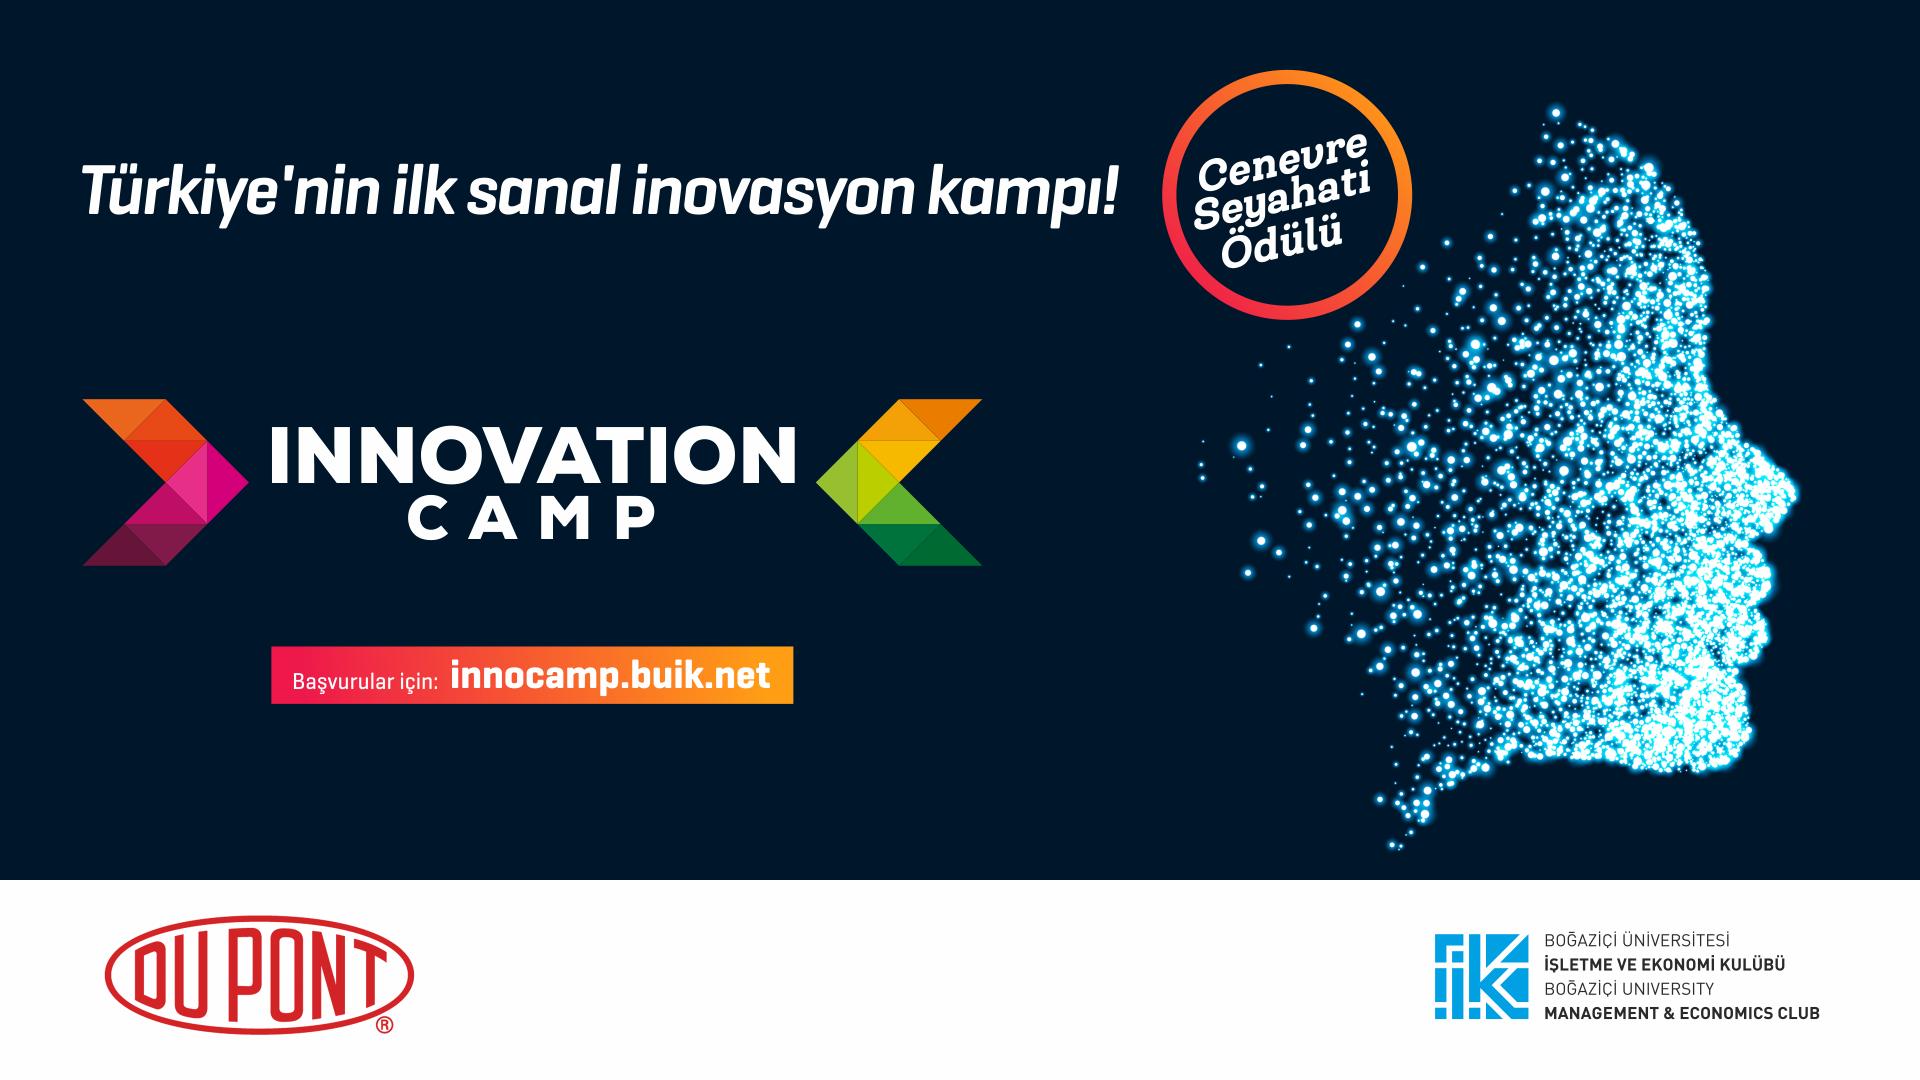 Üniversite öğrencileri en inovatif projeyi geliştirmek için yarışacak.